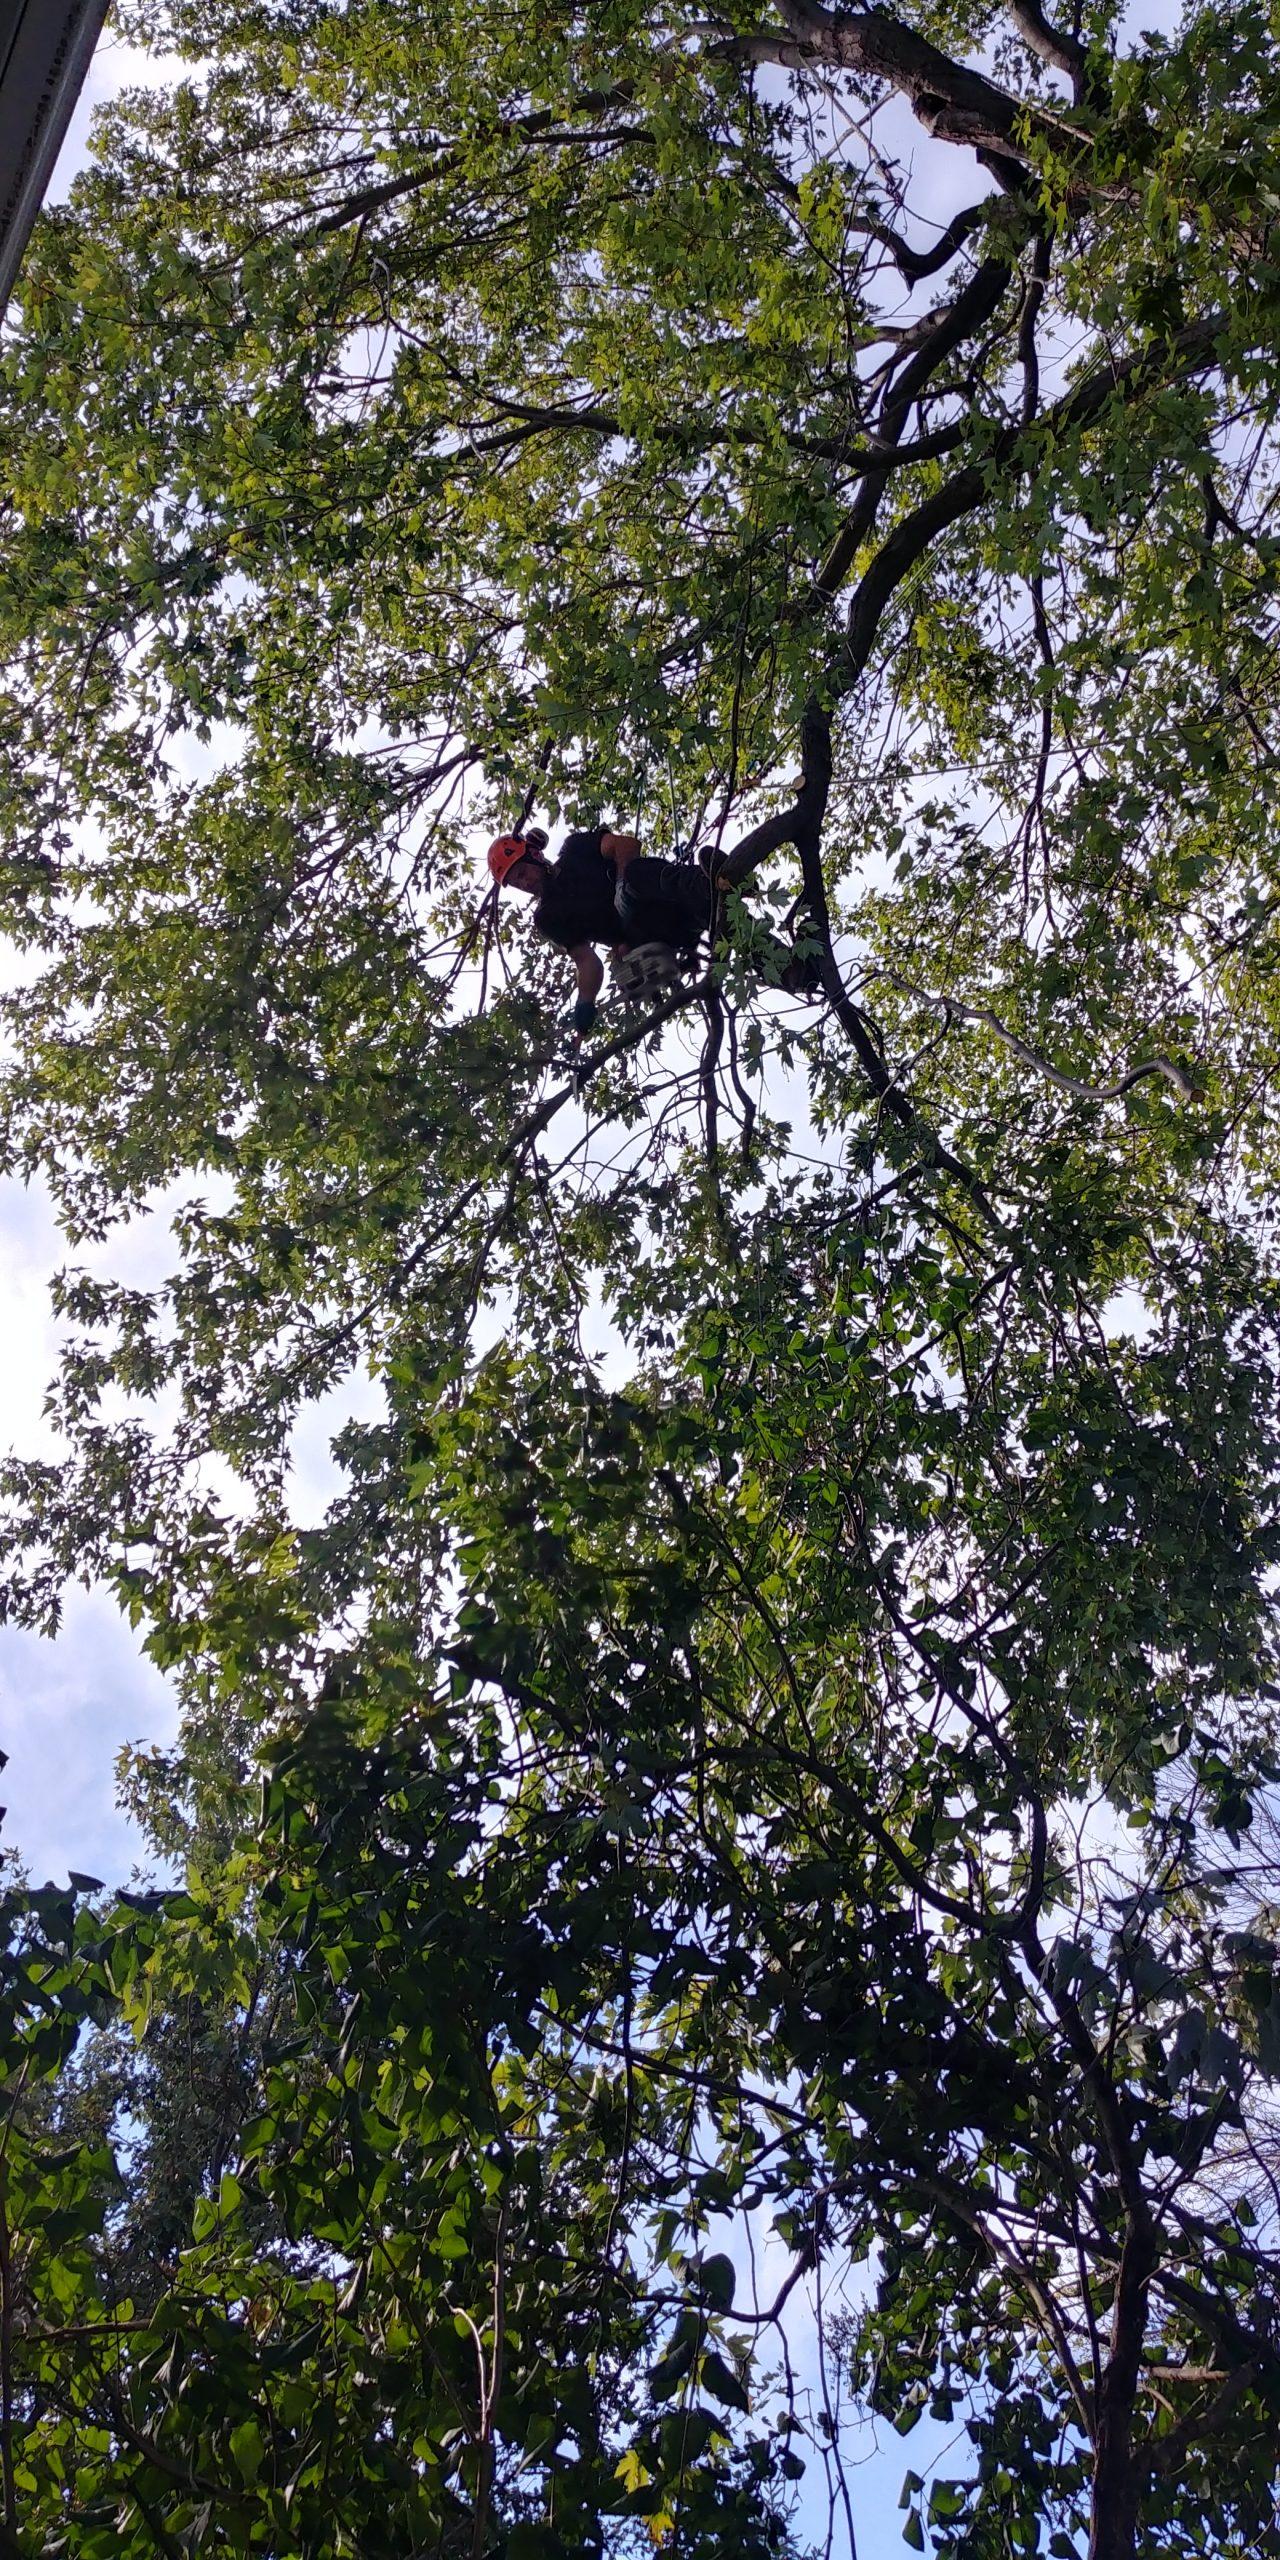 Coupe d'arbre à la scie abattage arbre dangereux sur la Rive-Sud - Arbreiz Élagage sur la Rive-Sud de Montréal et à Montréal